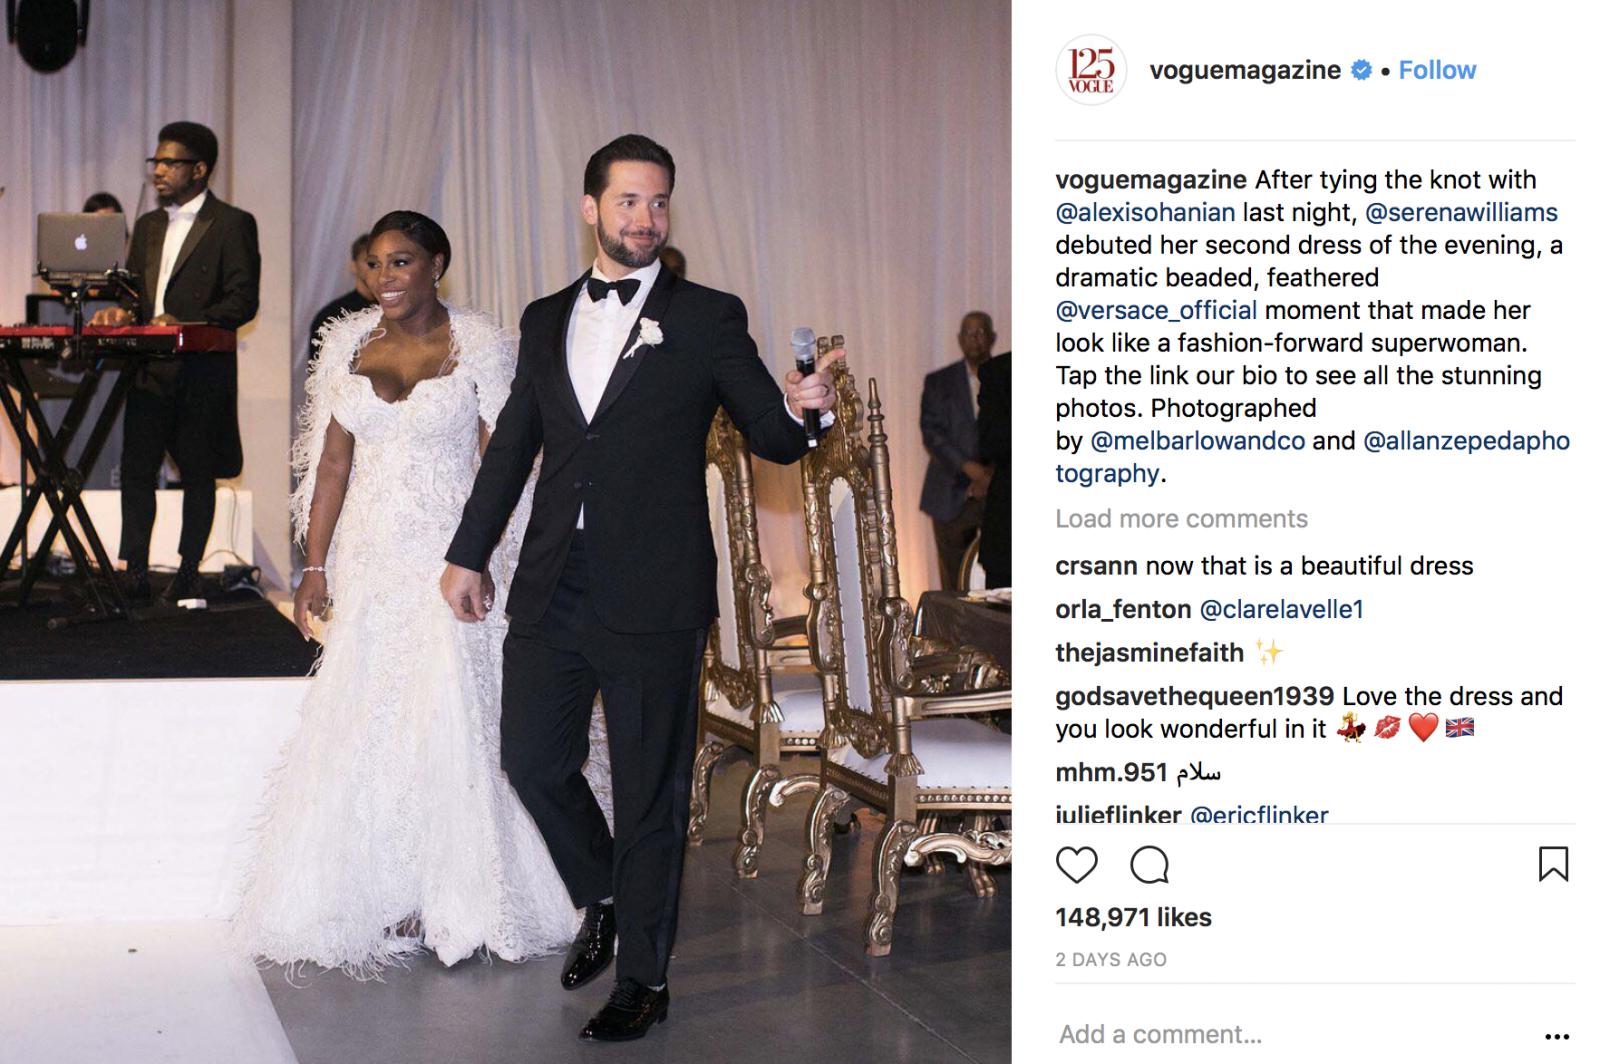 Tengok 3 Gaun Pernikahan Ratu Tenis Serena Williams Yang Sangat Menawan Pada Prosesi Selanjutnya Ketika Tamu Mulai Berdatangan Berganti Busana Ke Versace Sedikit Dramatis